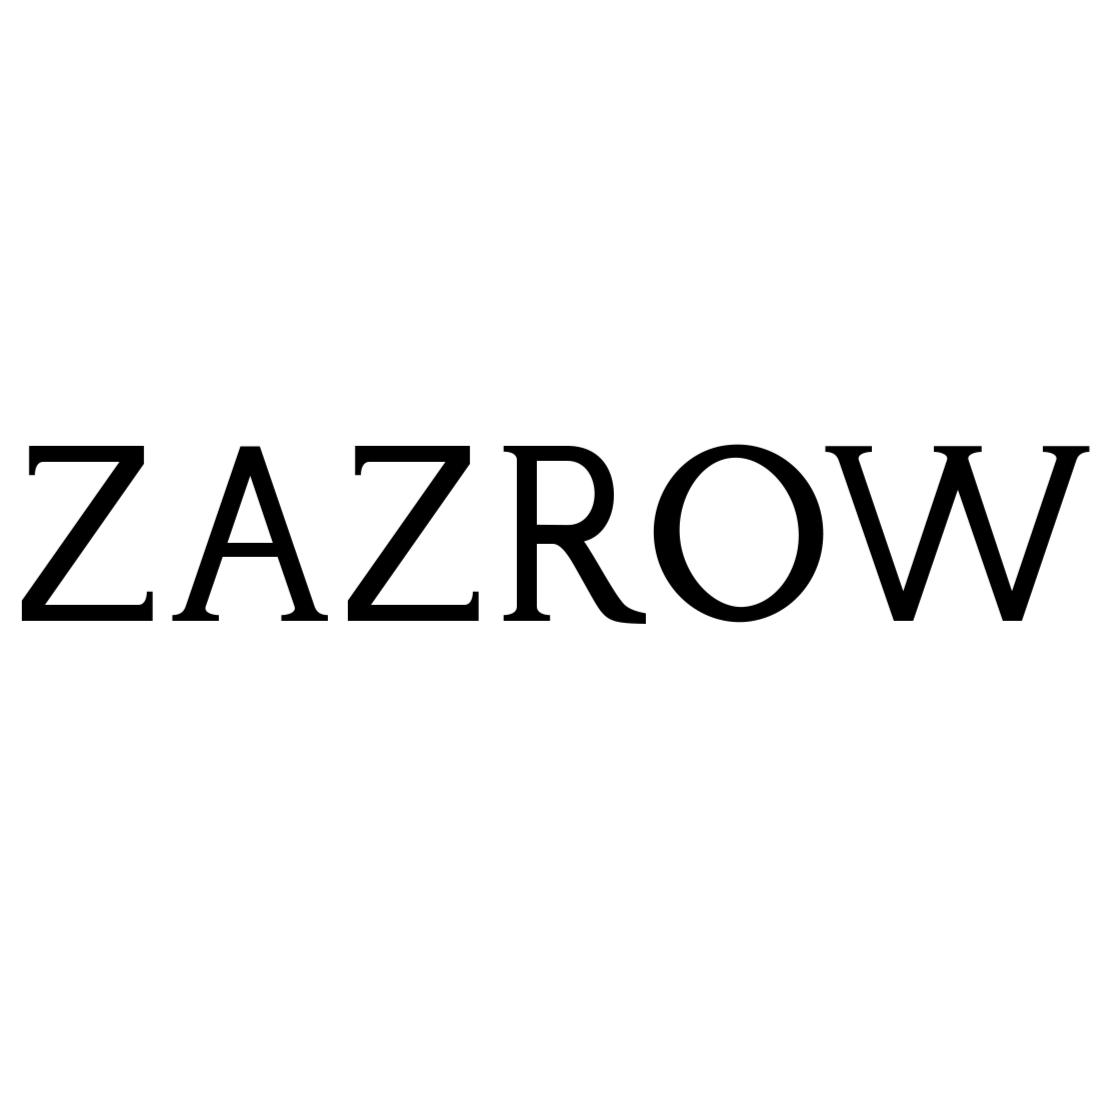 Zazrow Corporation